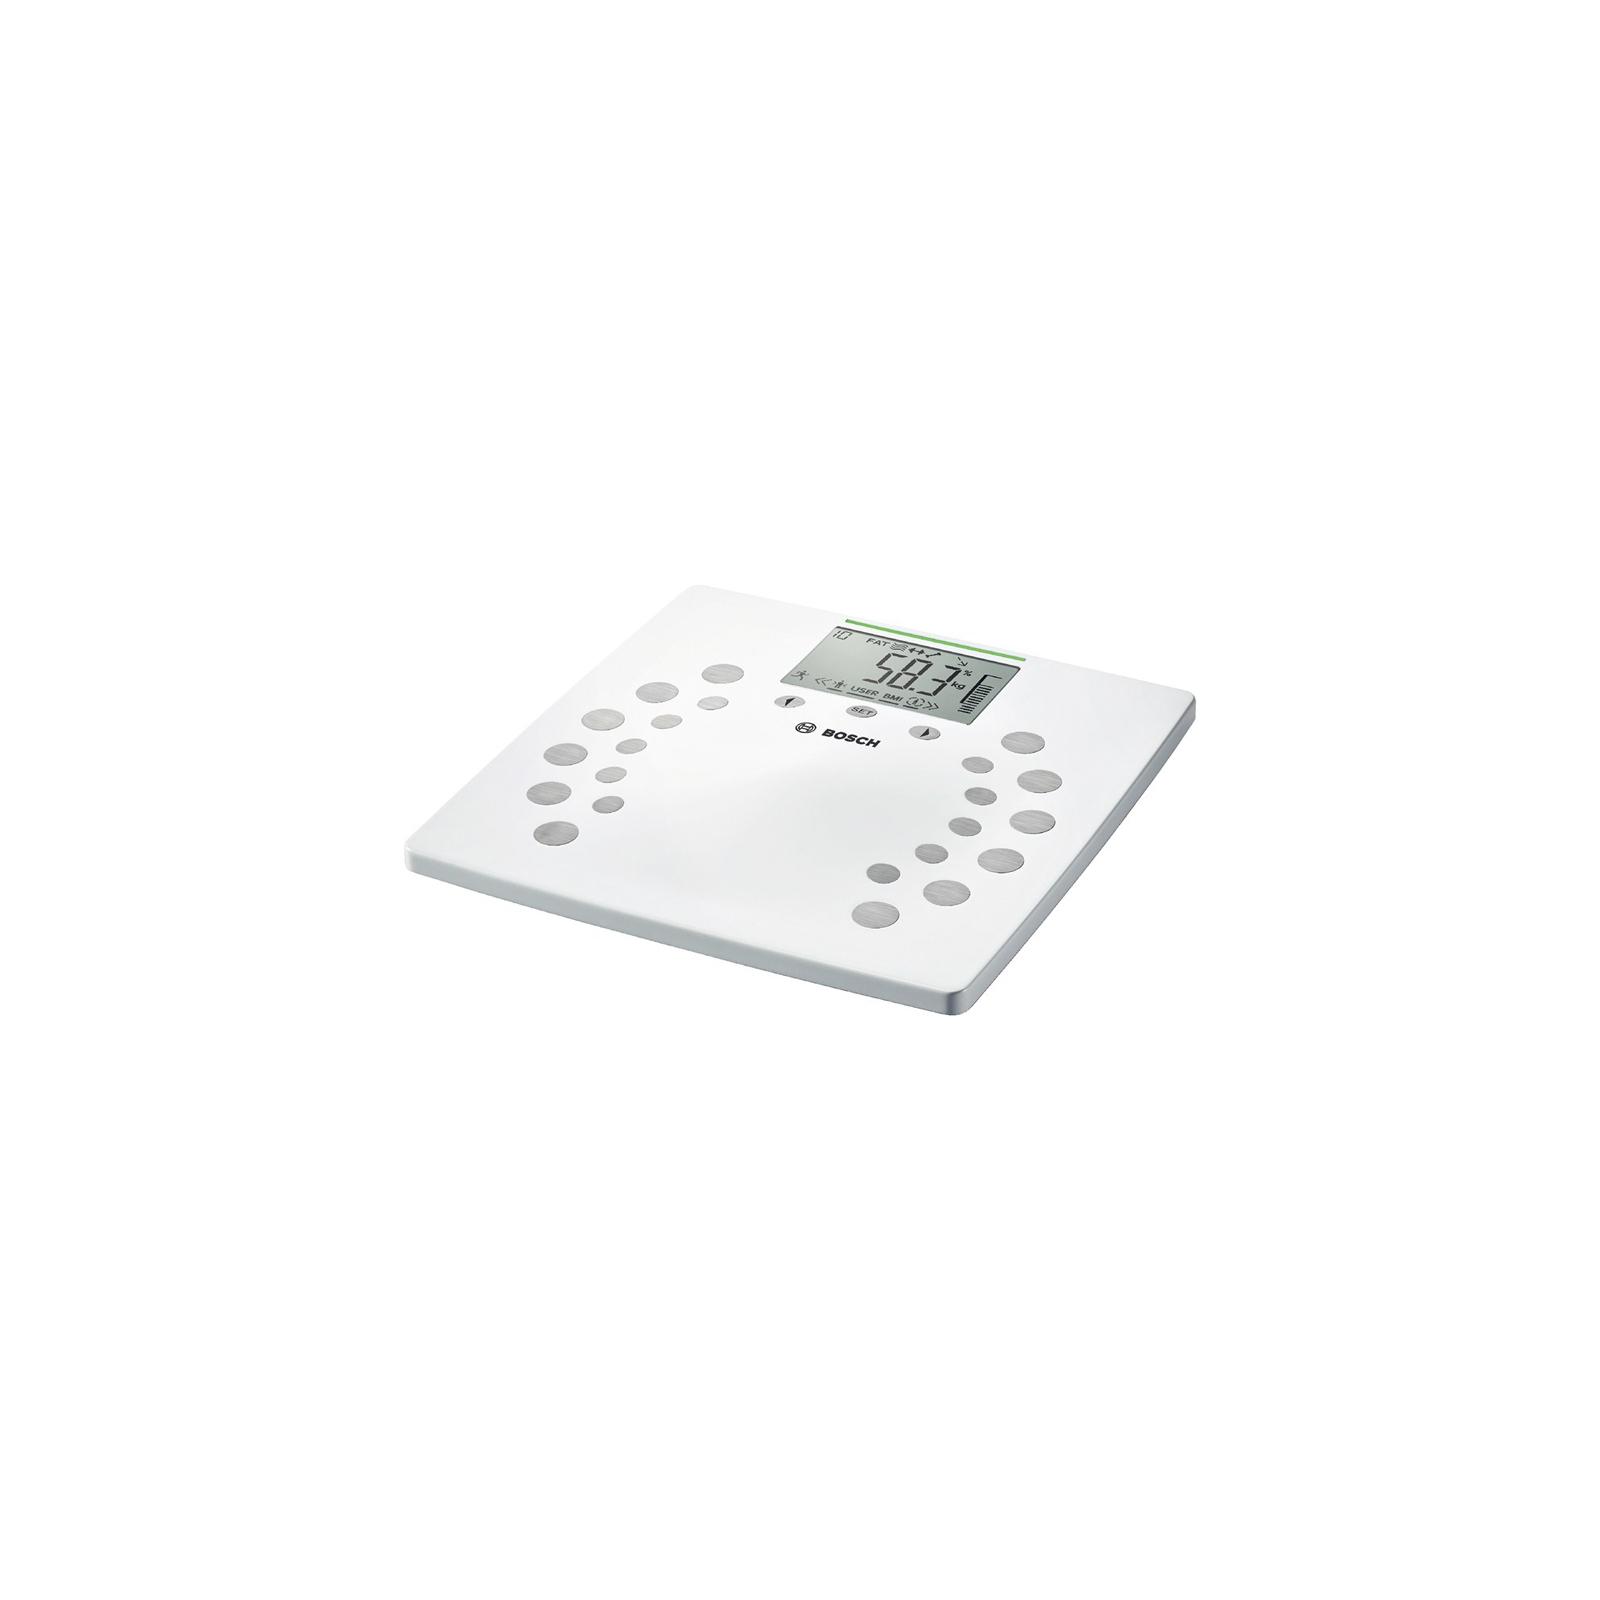 Весы напольные BOSCH PPW2360 изображение 2